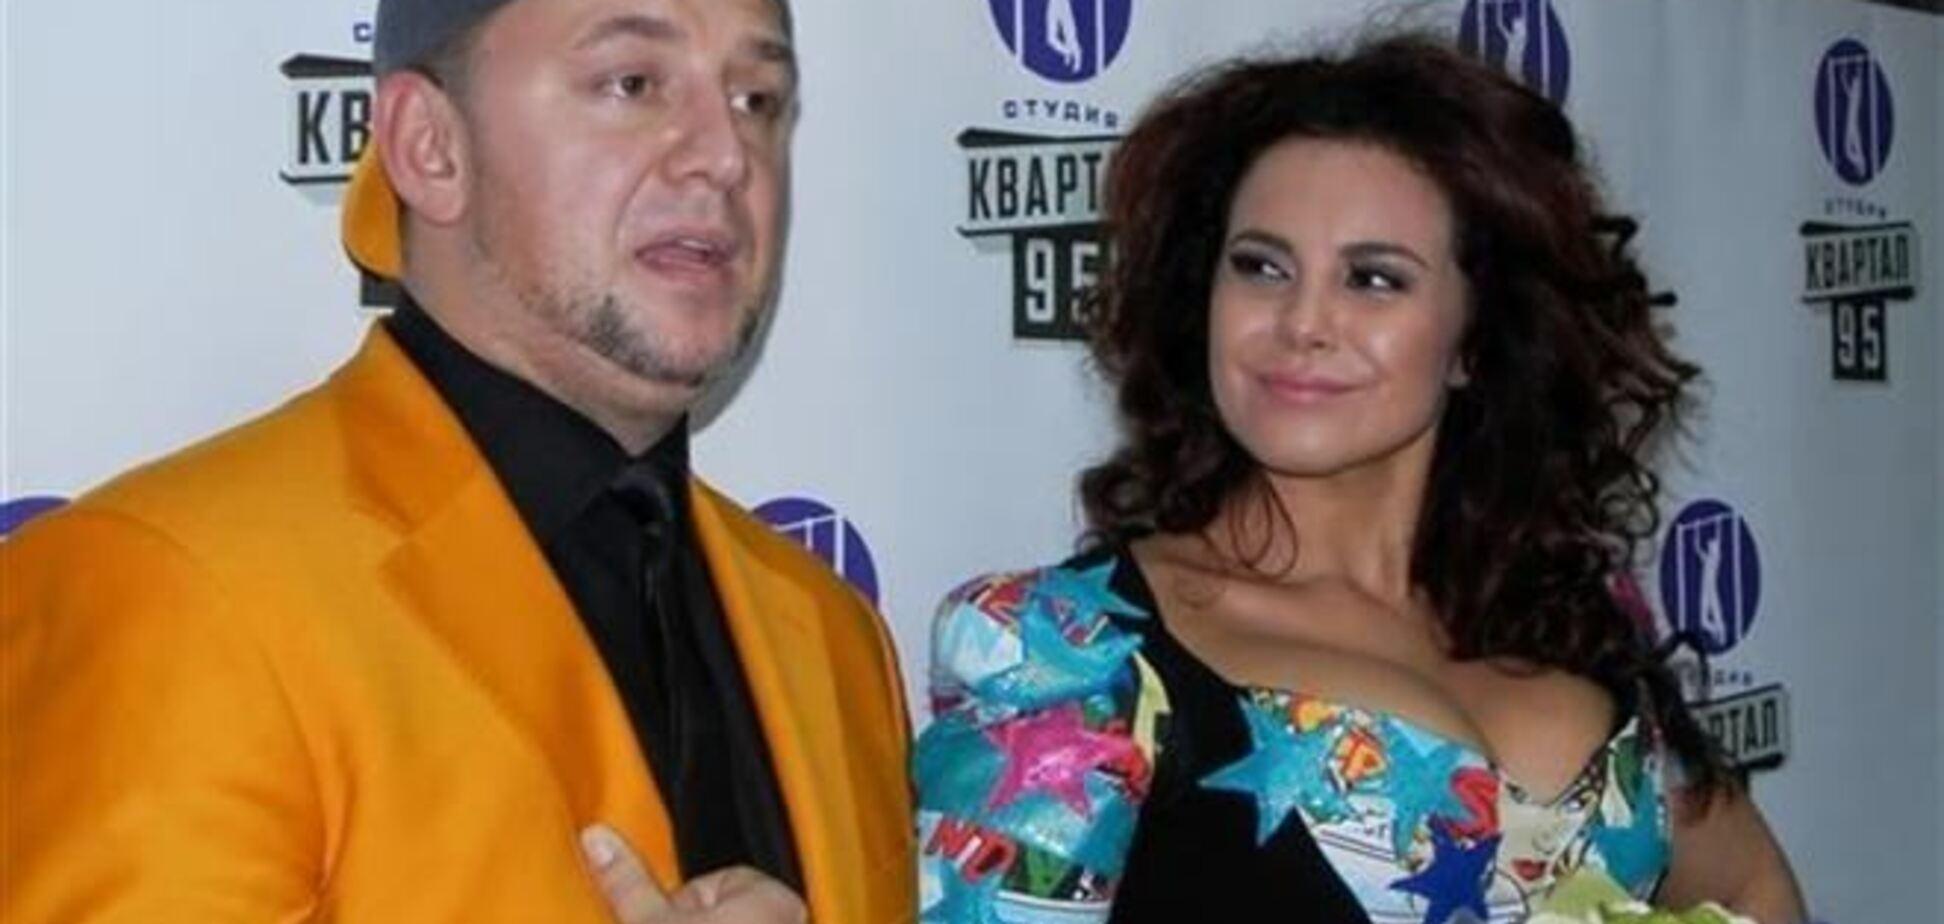 Потапа и Настю признали лучшими в России и Грузии